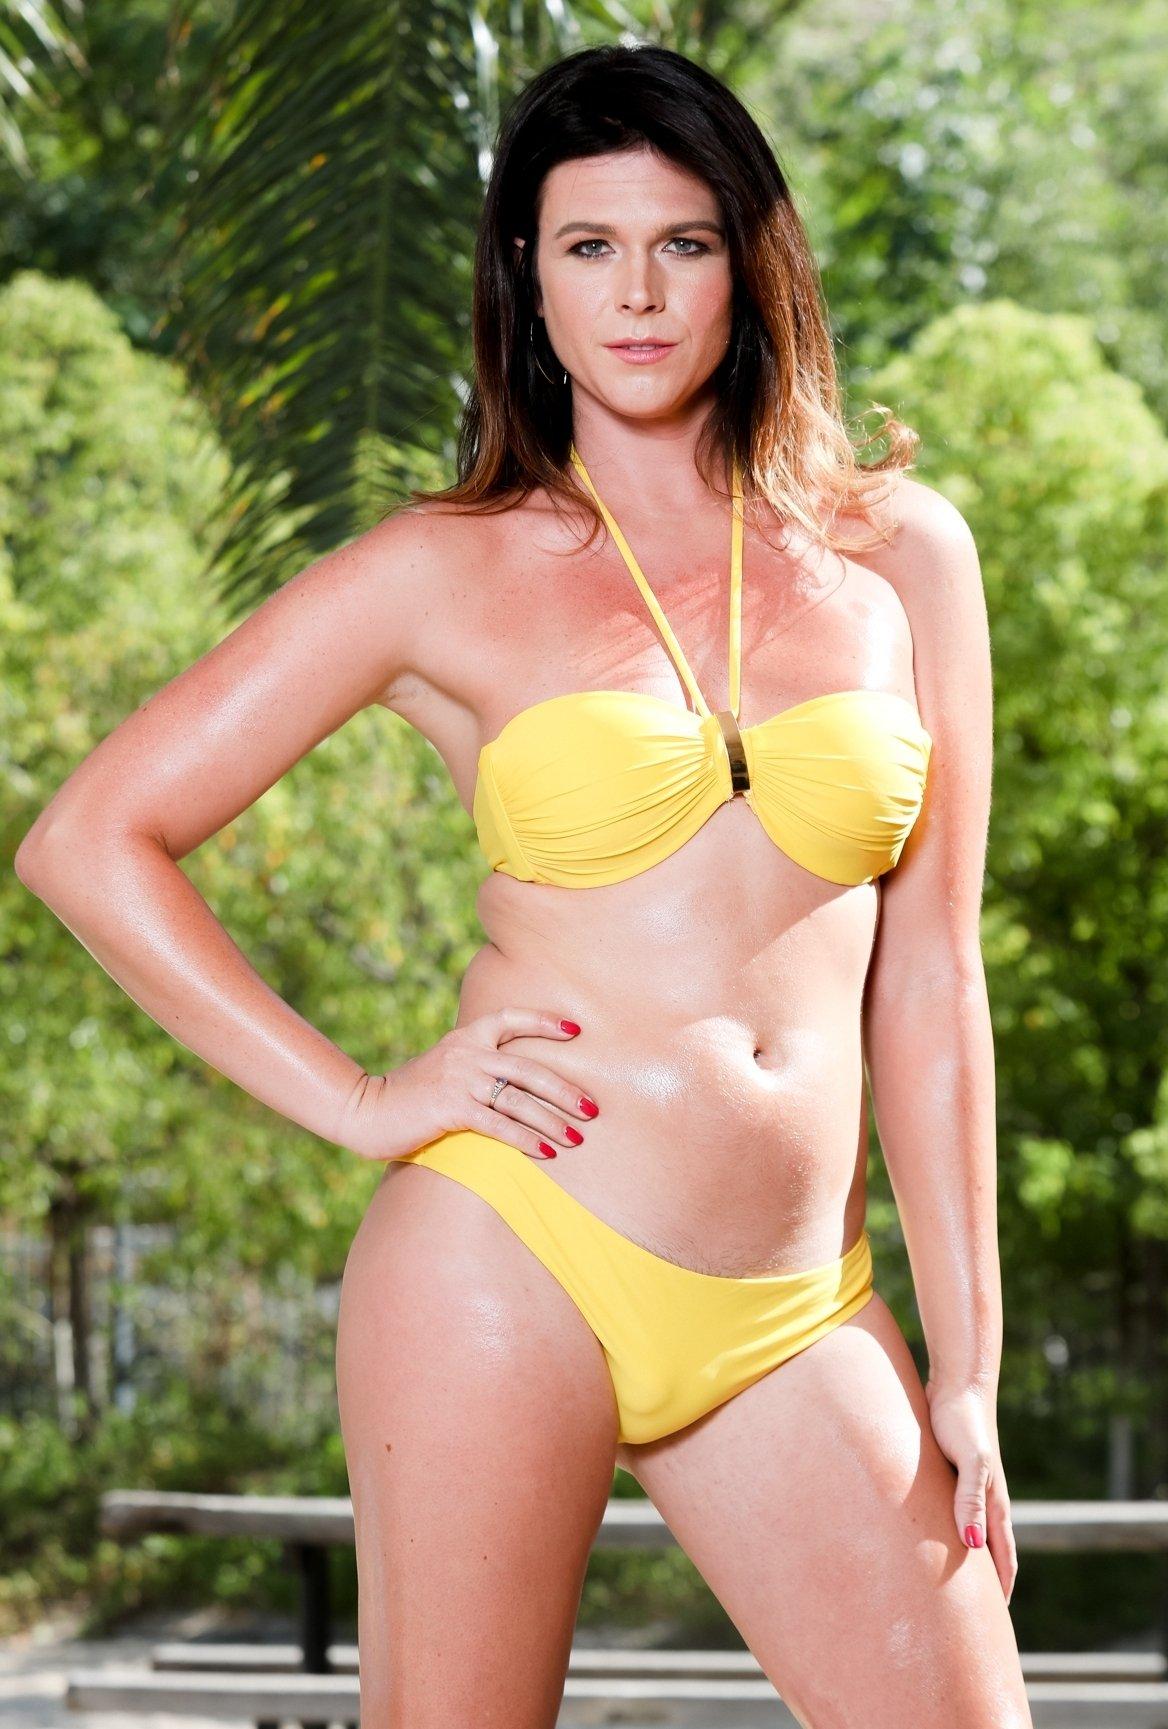 SarahScreamz from Victoria,Australia